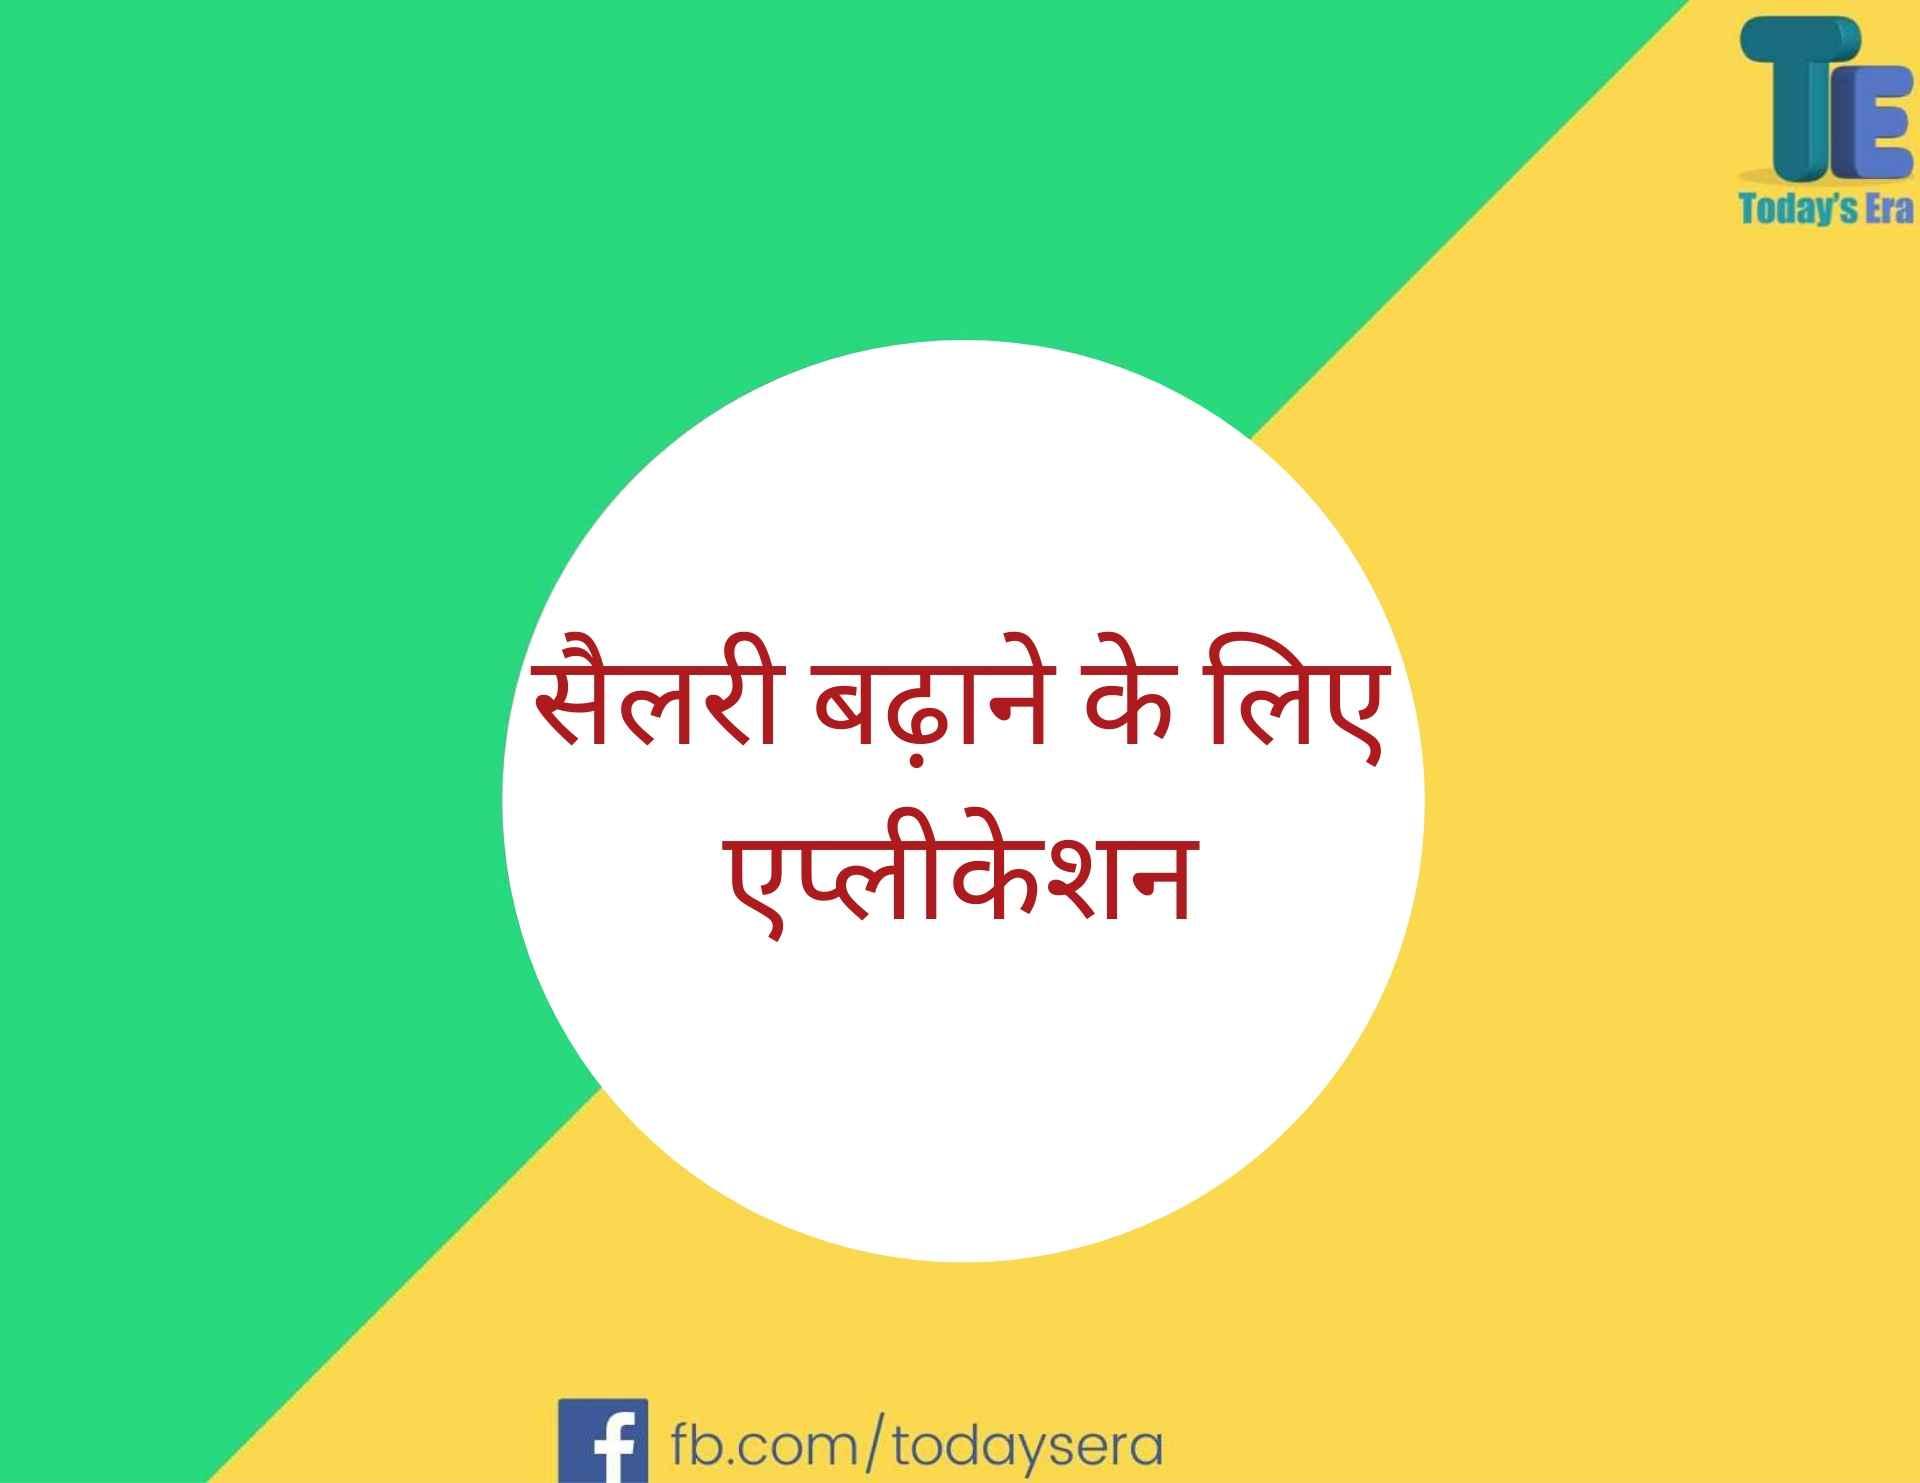 Salary Badhane Ke Liye Application in Hindi सैलरी बढ़ाने के लिए एप्लीकेशन कैसे लिखें